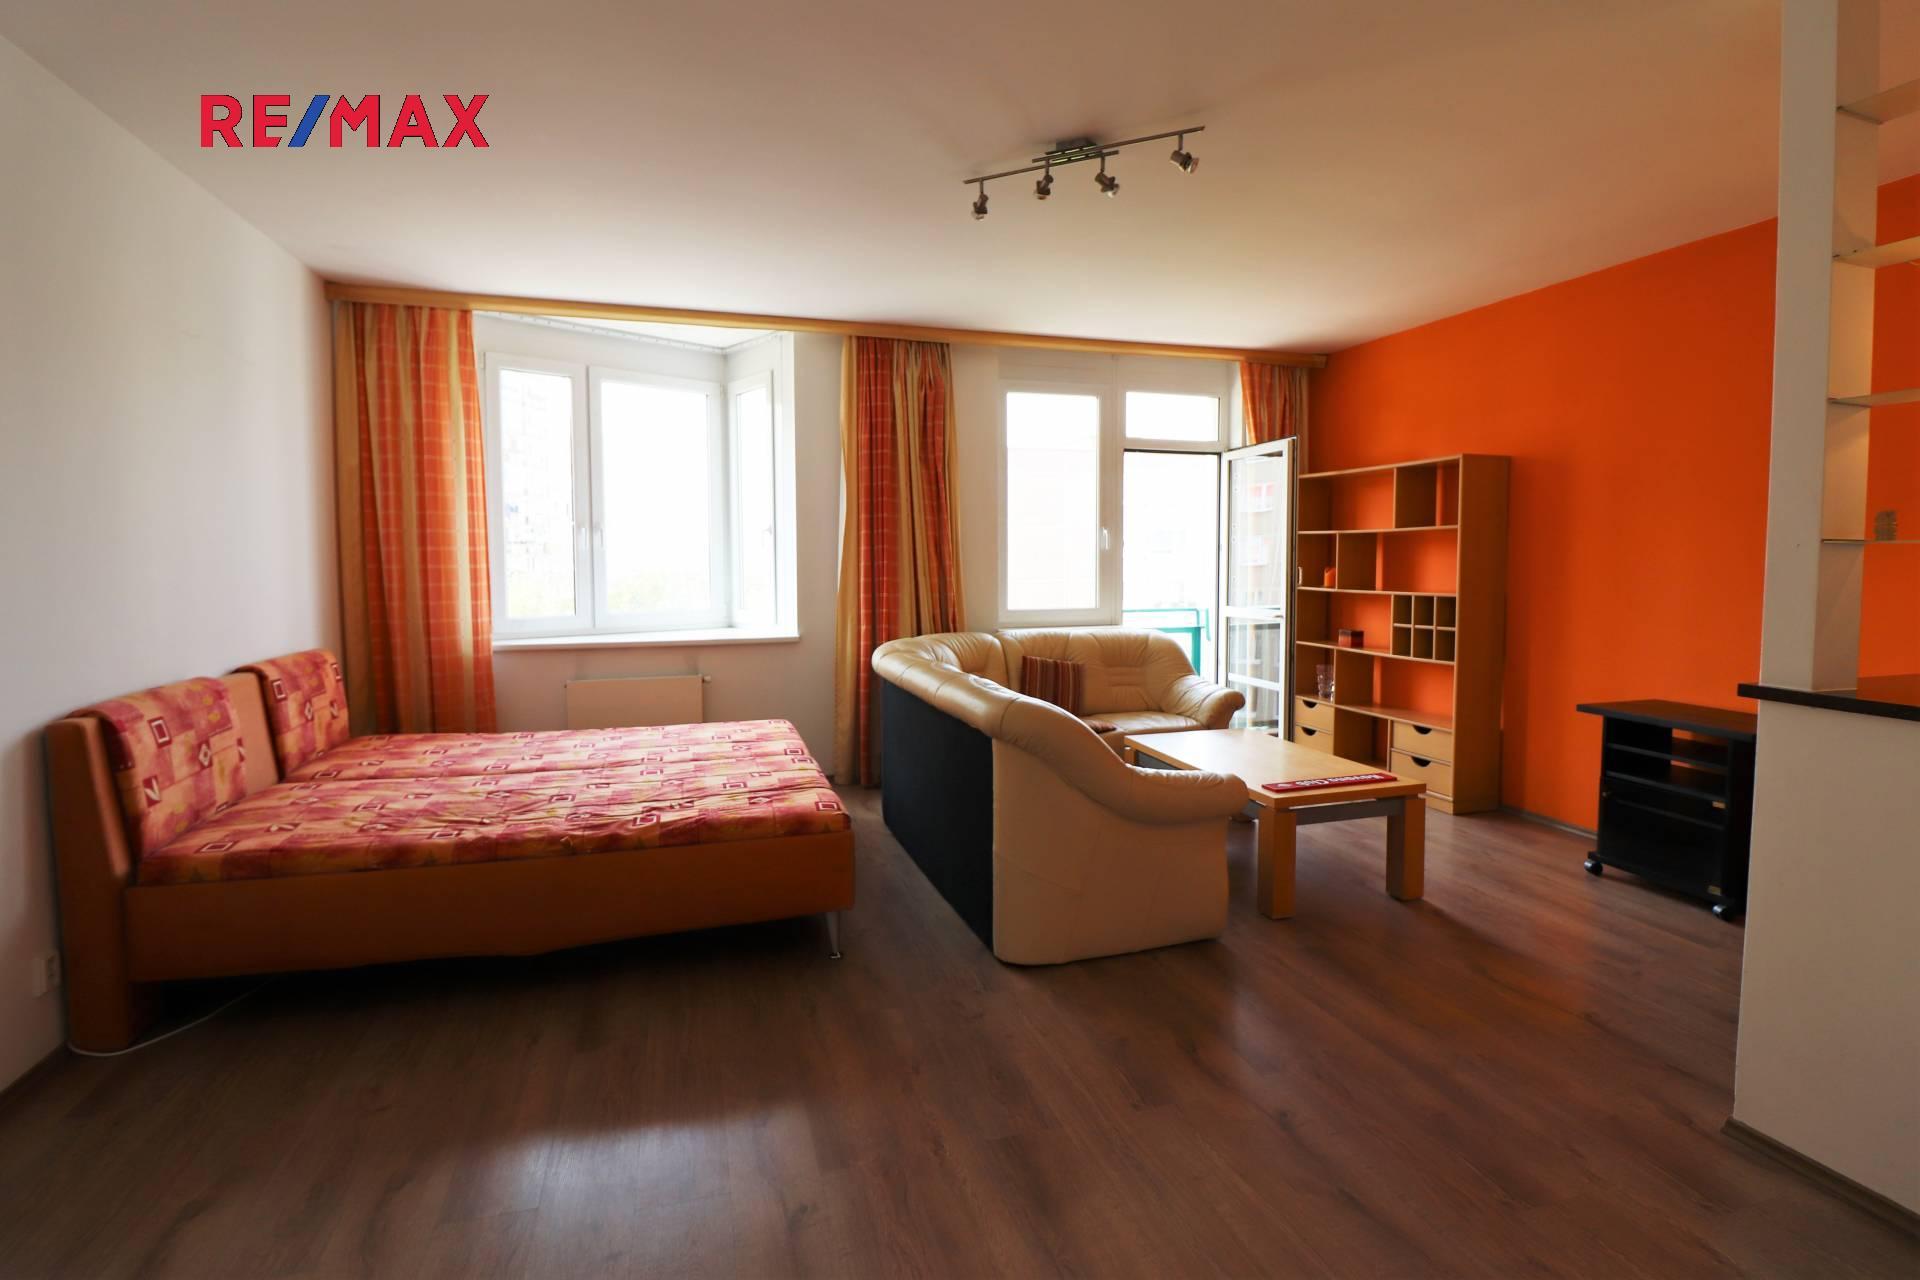 Prodej bytu 1+kk v osobním vlastnictví 46 m², Praha 5 - Hlubočepy